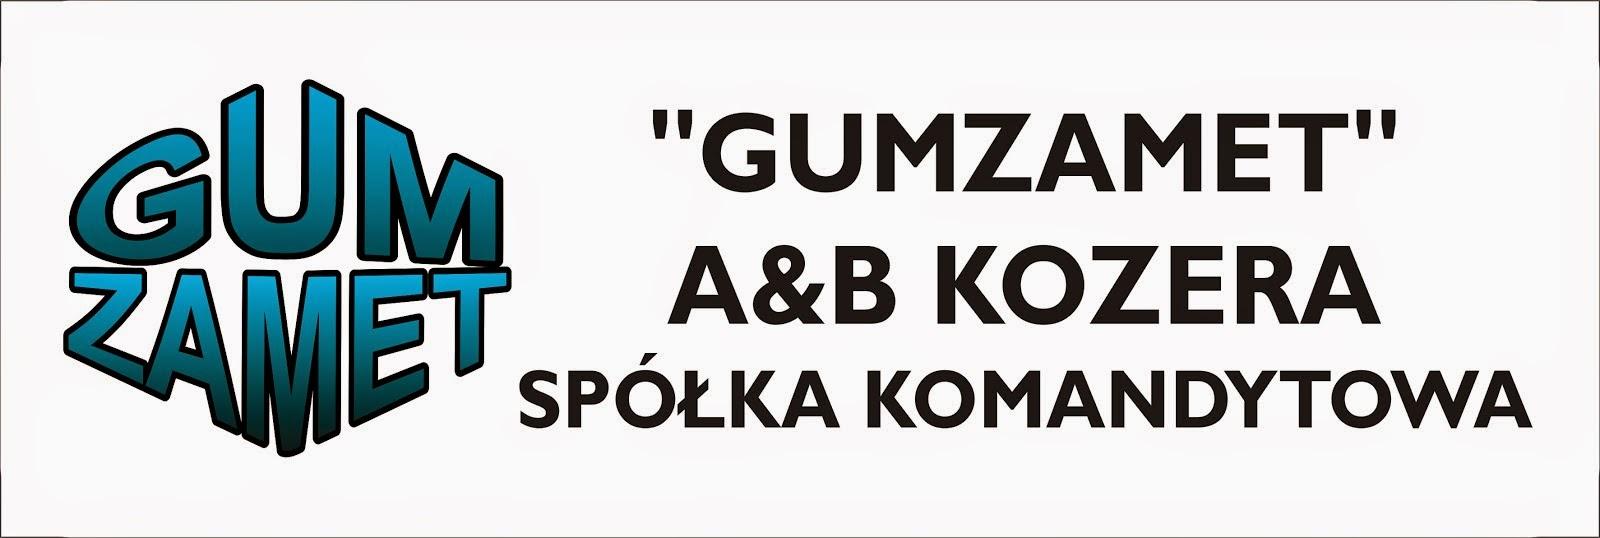 GUMZAMET